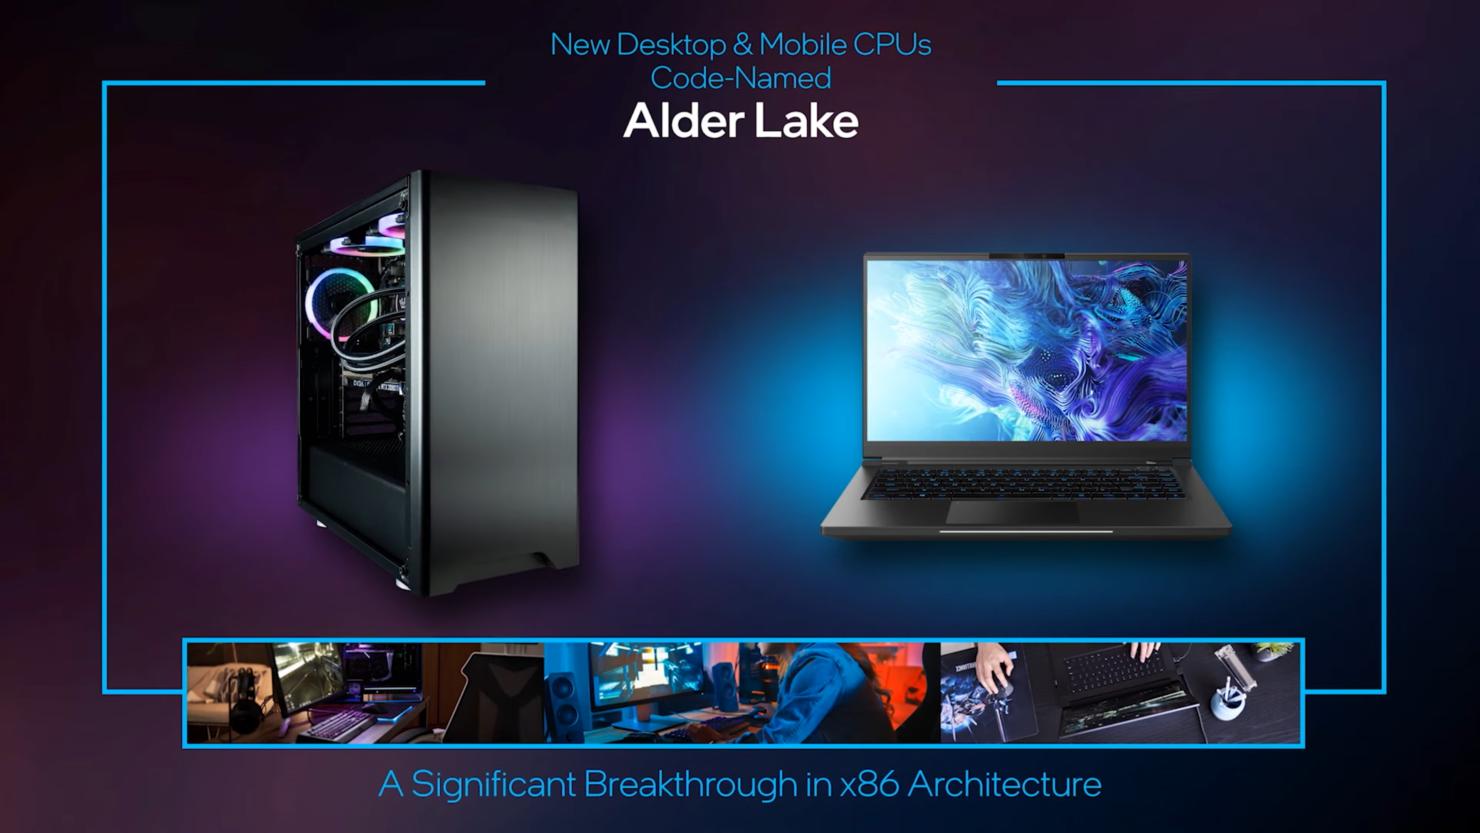 Gerücht: Intels Alder Lake-S mit 5,3 GHz soll Ryzen 9 5950X überholen